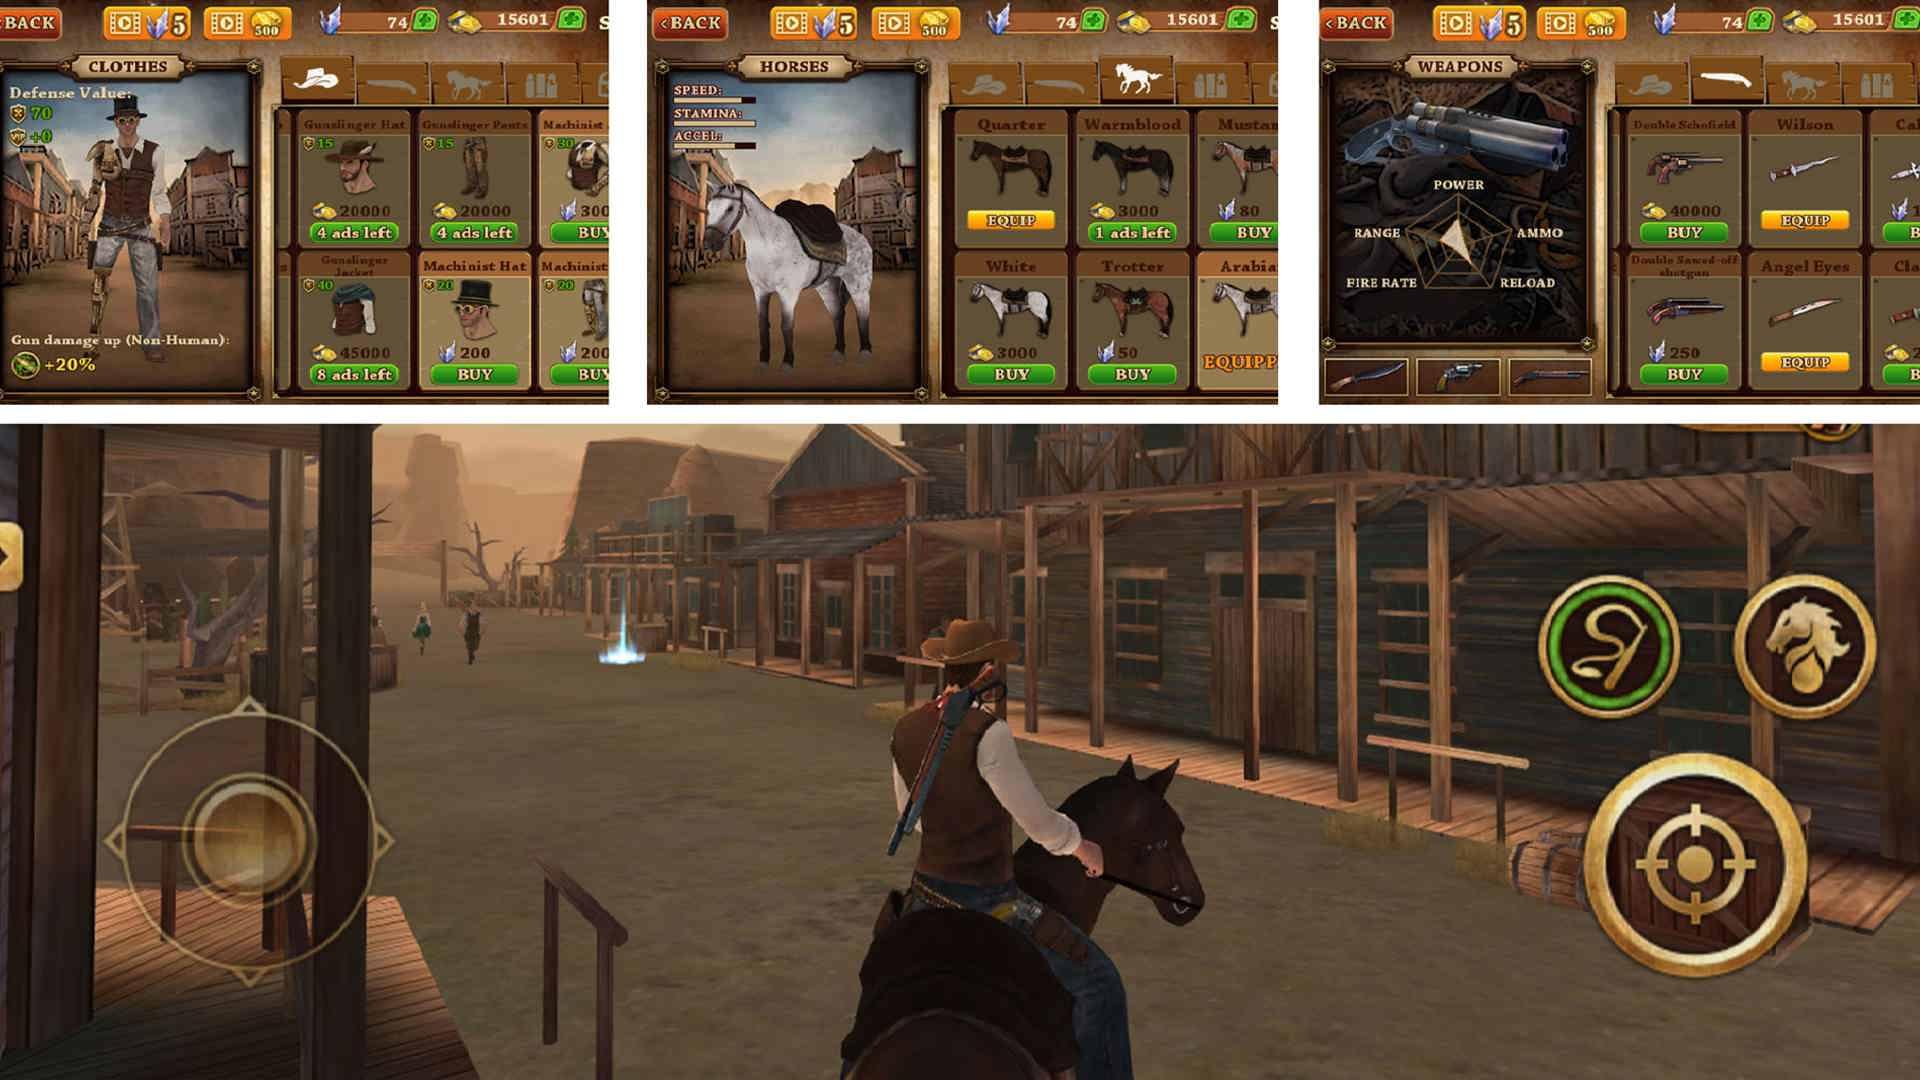 دانلود Cowboy Hunting: Dead Shooter 1.1.1 – بازی اکشن هفت تیرکش غرب وحشی اندروید